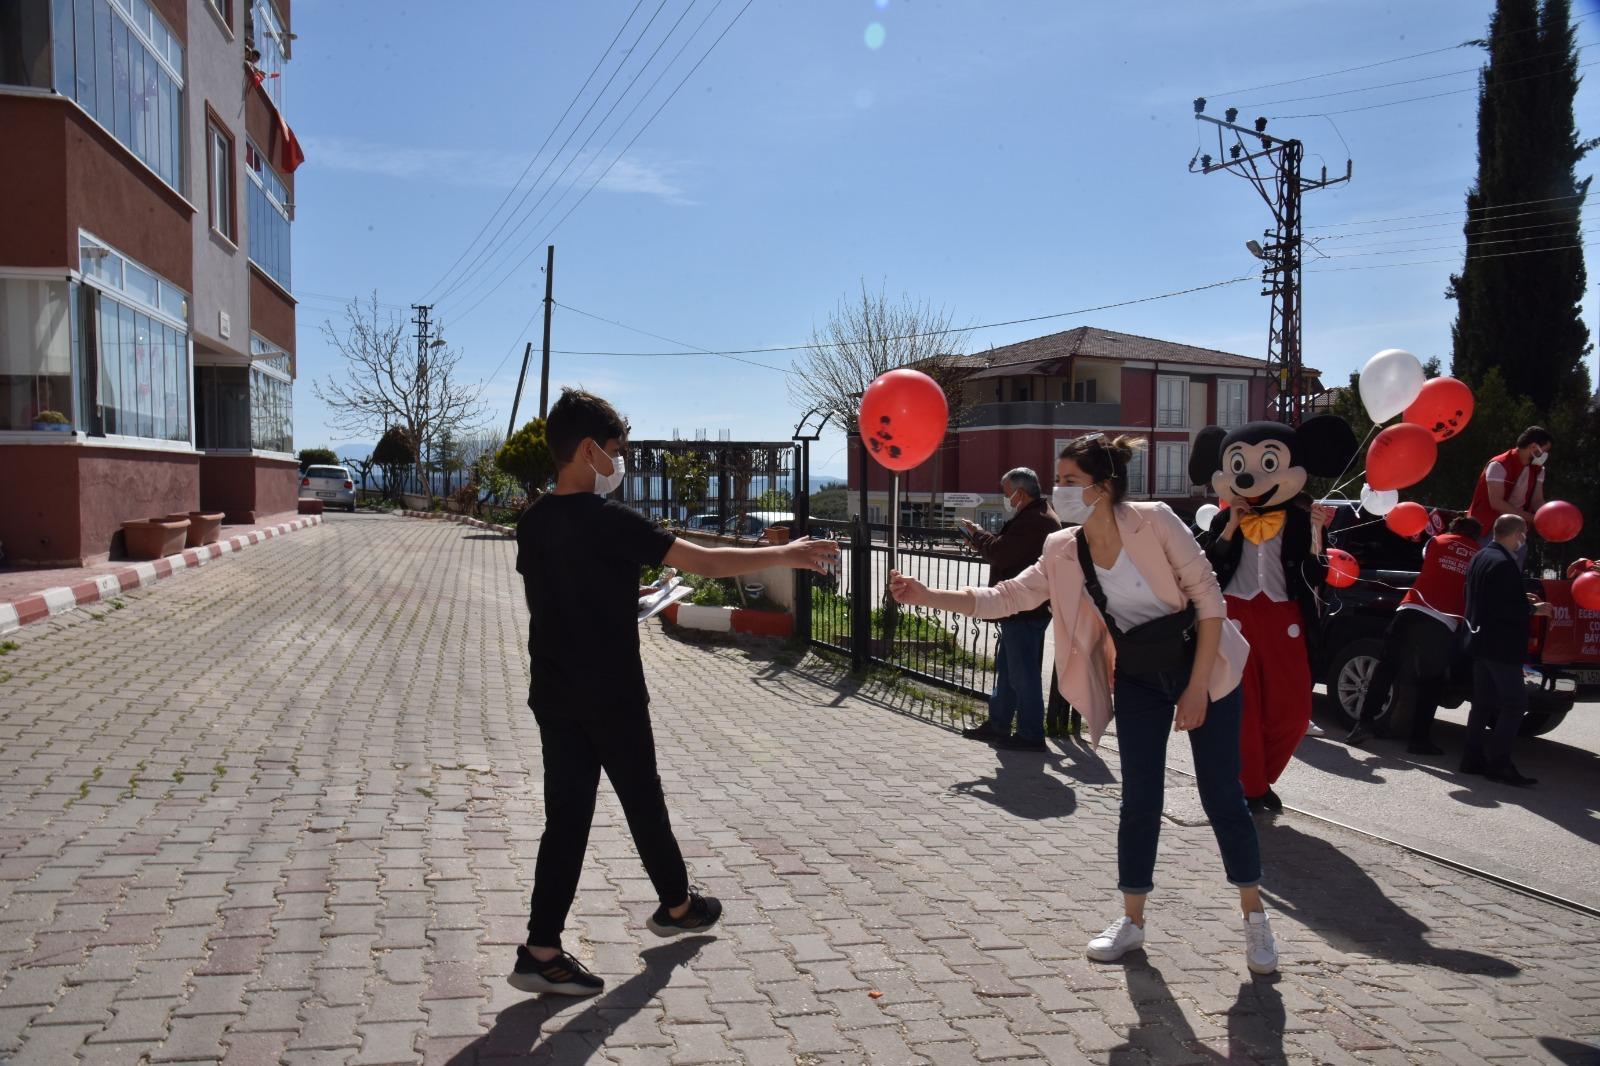 Cadde ve Sokaklar Gezilerek Çocuklara Şeker, Balon ve Renkli Maskeler Dağıtıldı